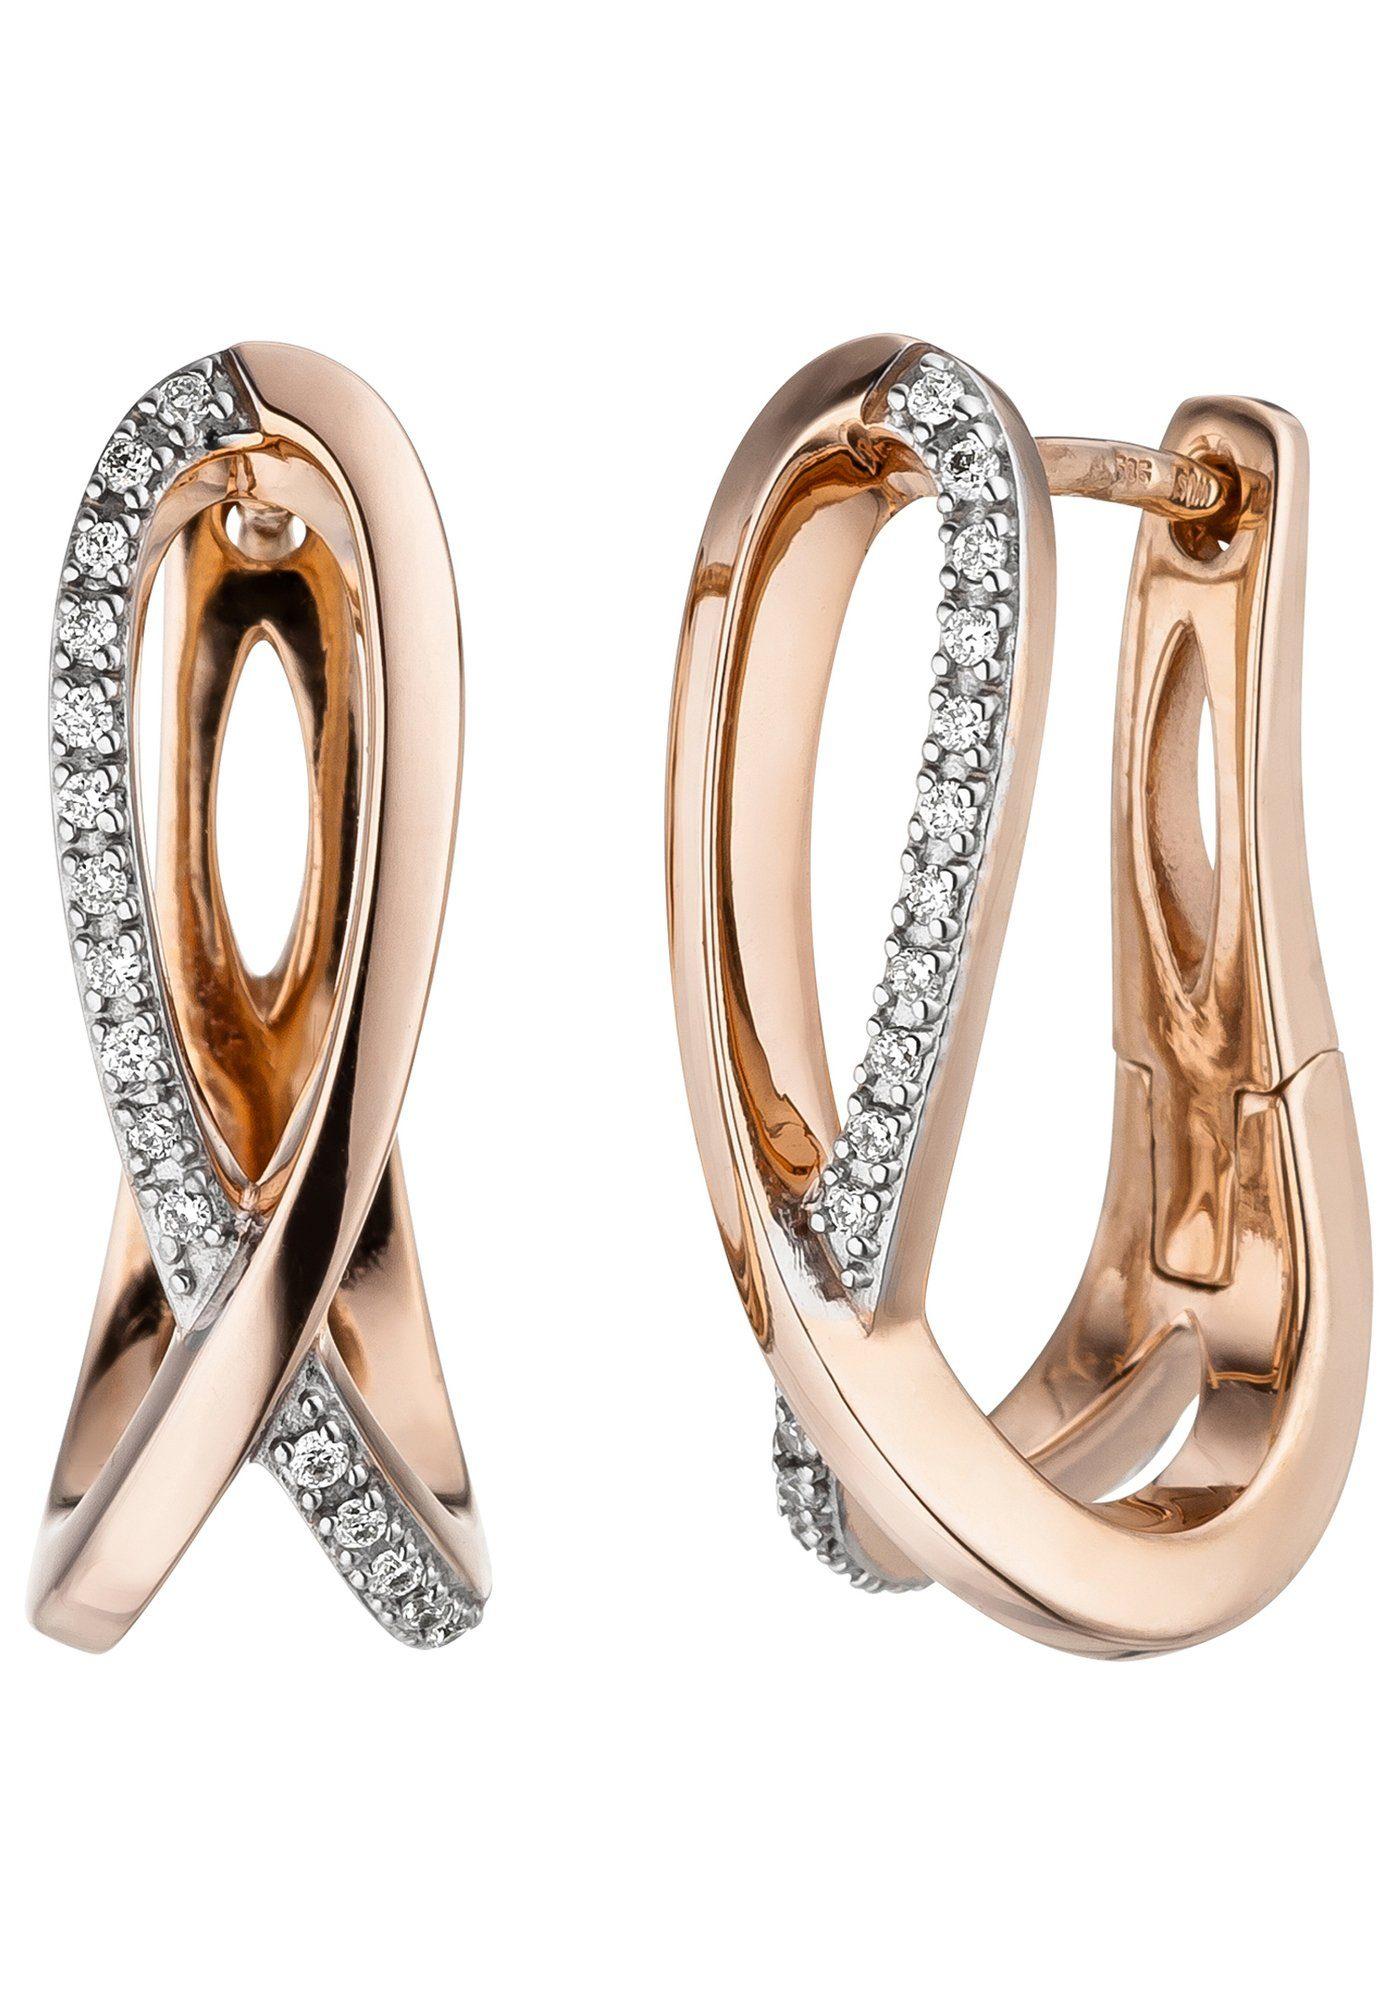 JOBO Paar Creolen 585 Roségold mit 34 Diamanten